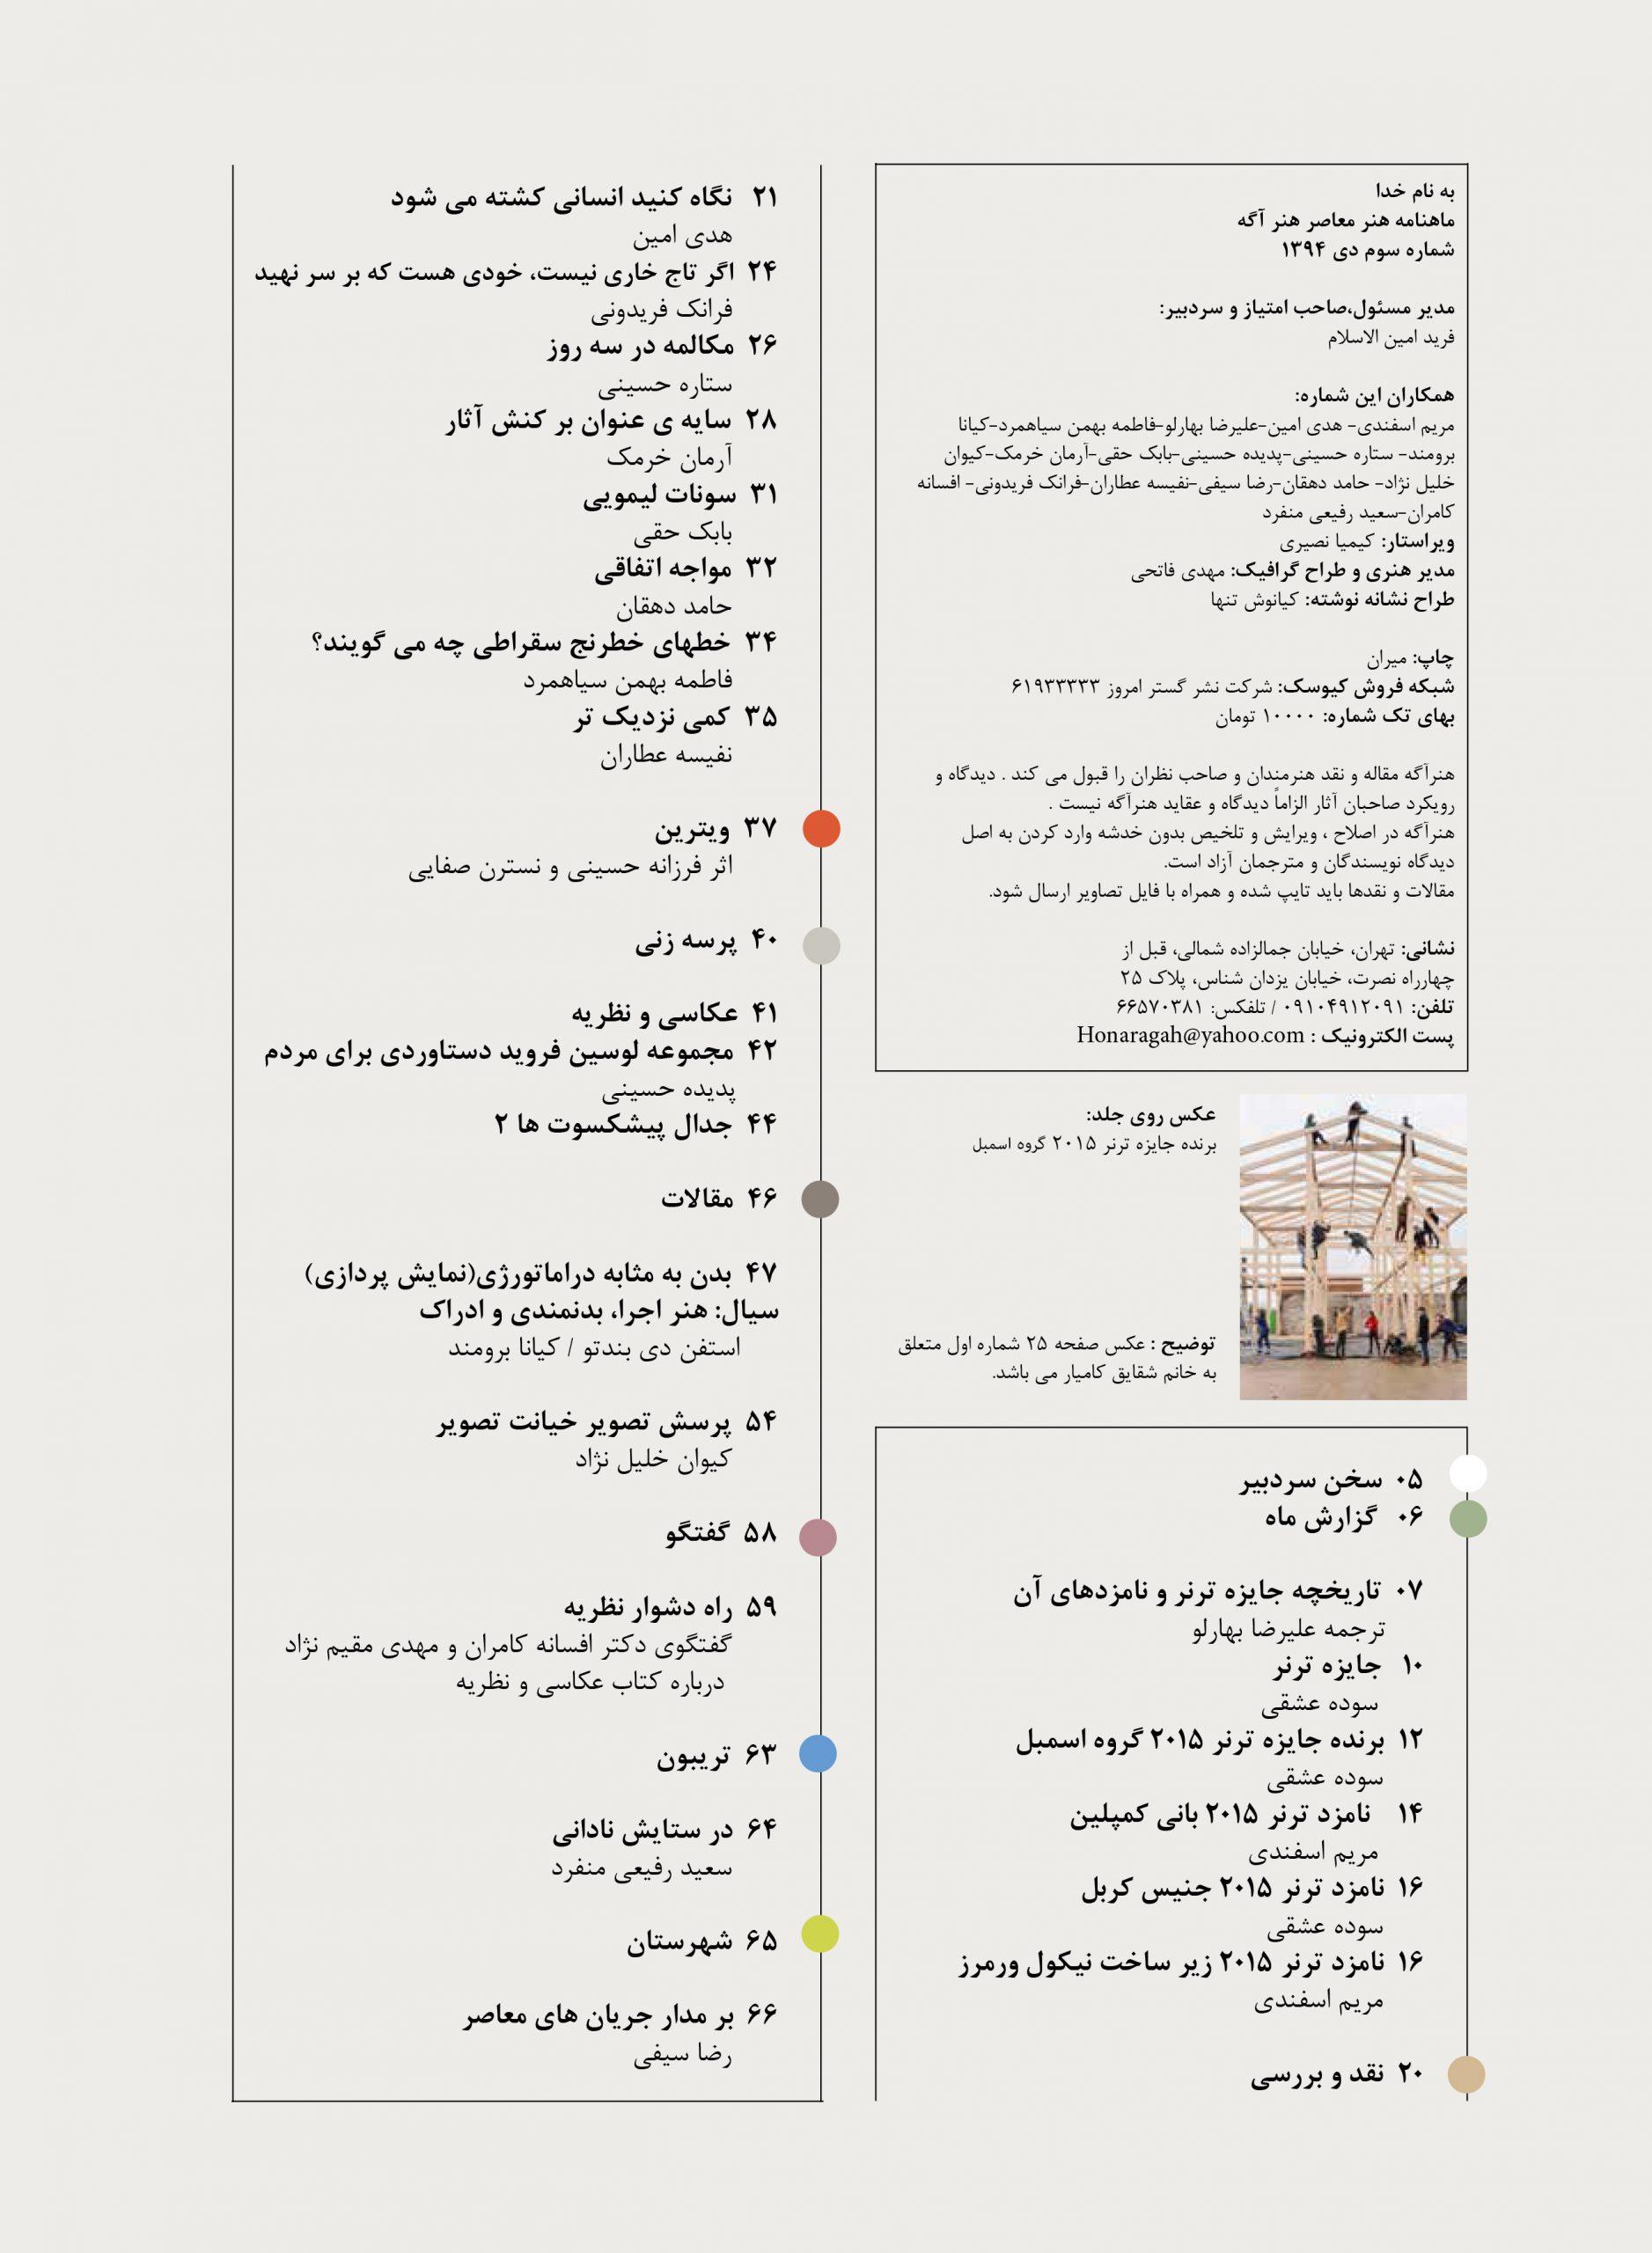 فهرست شماره ۳ (۲)